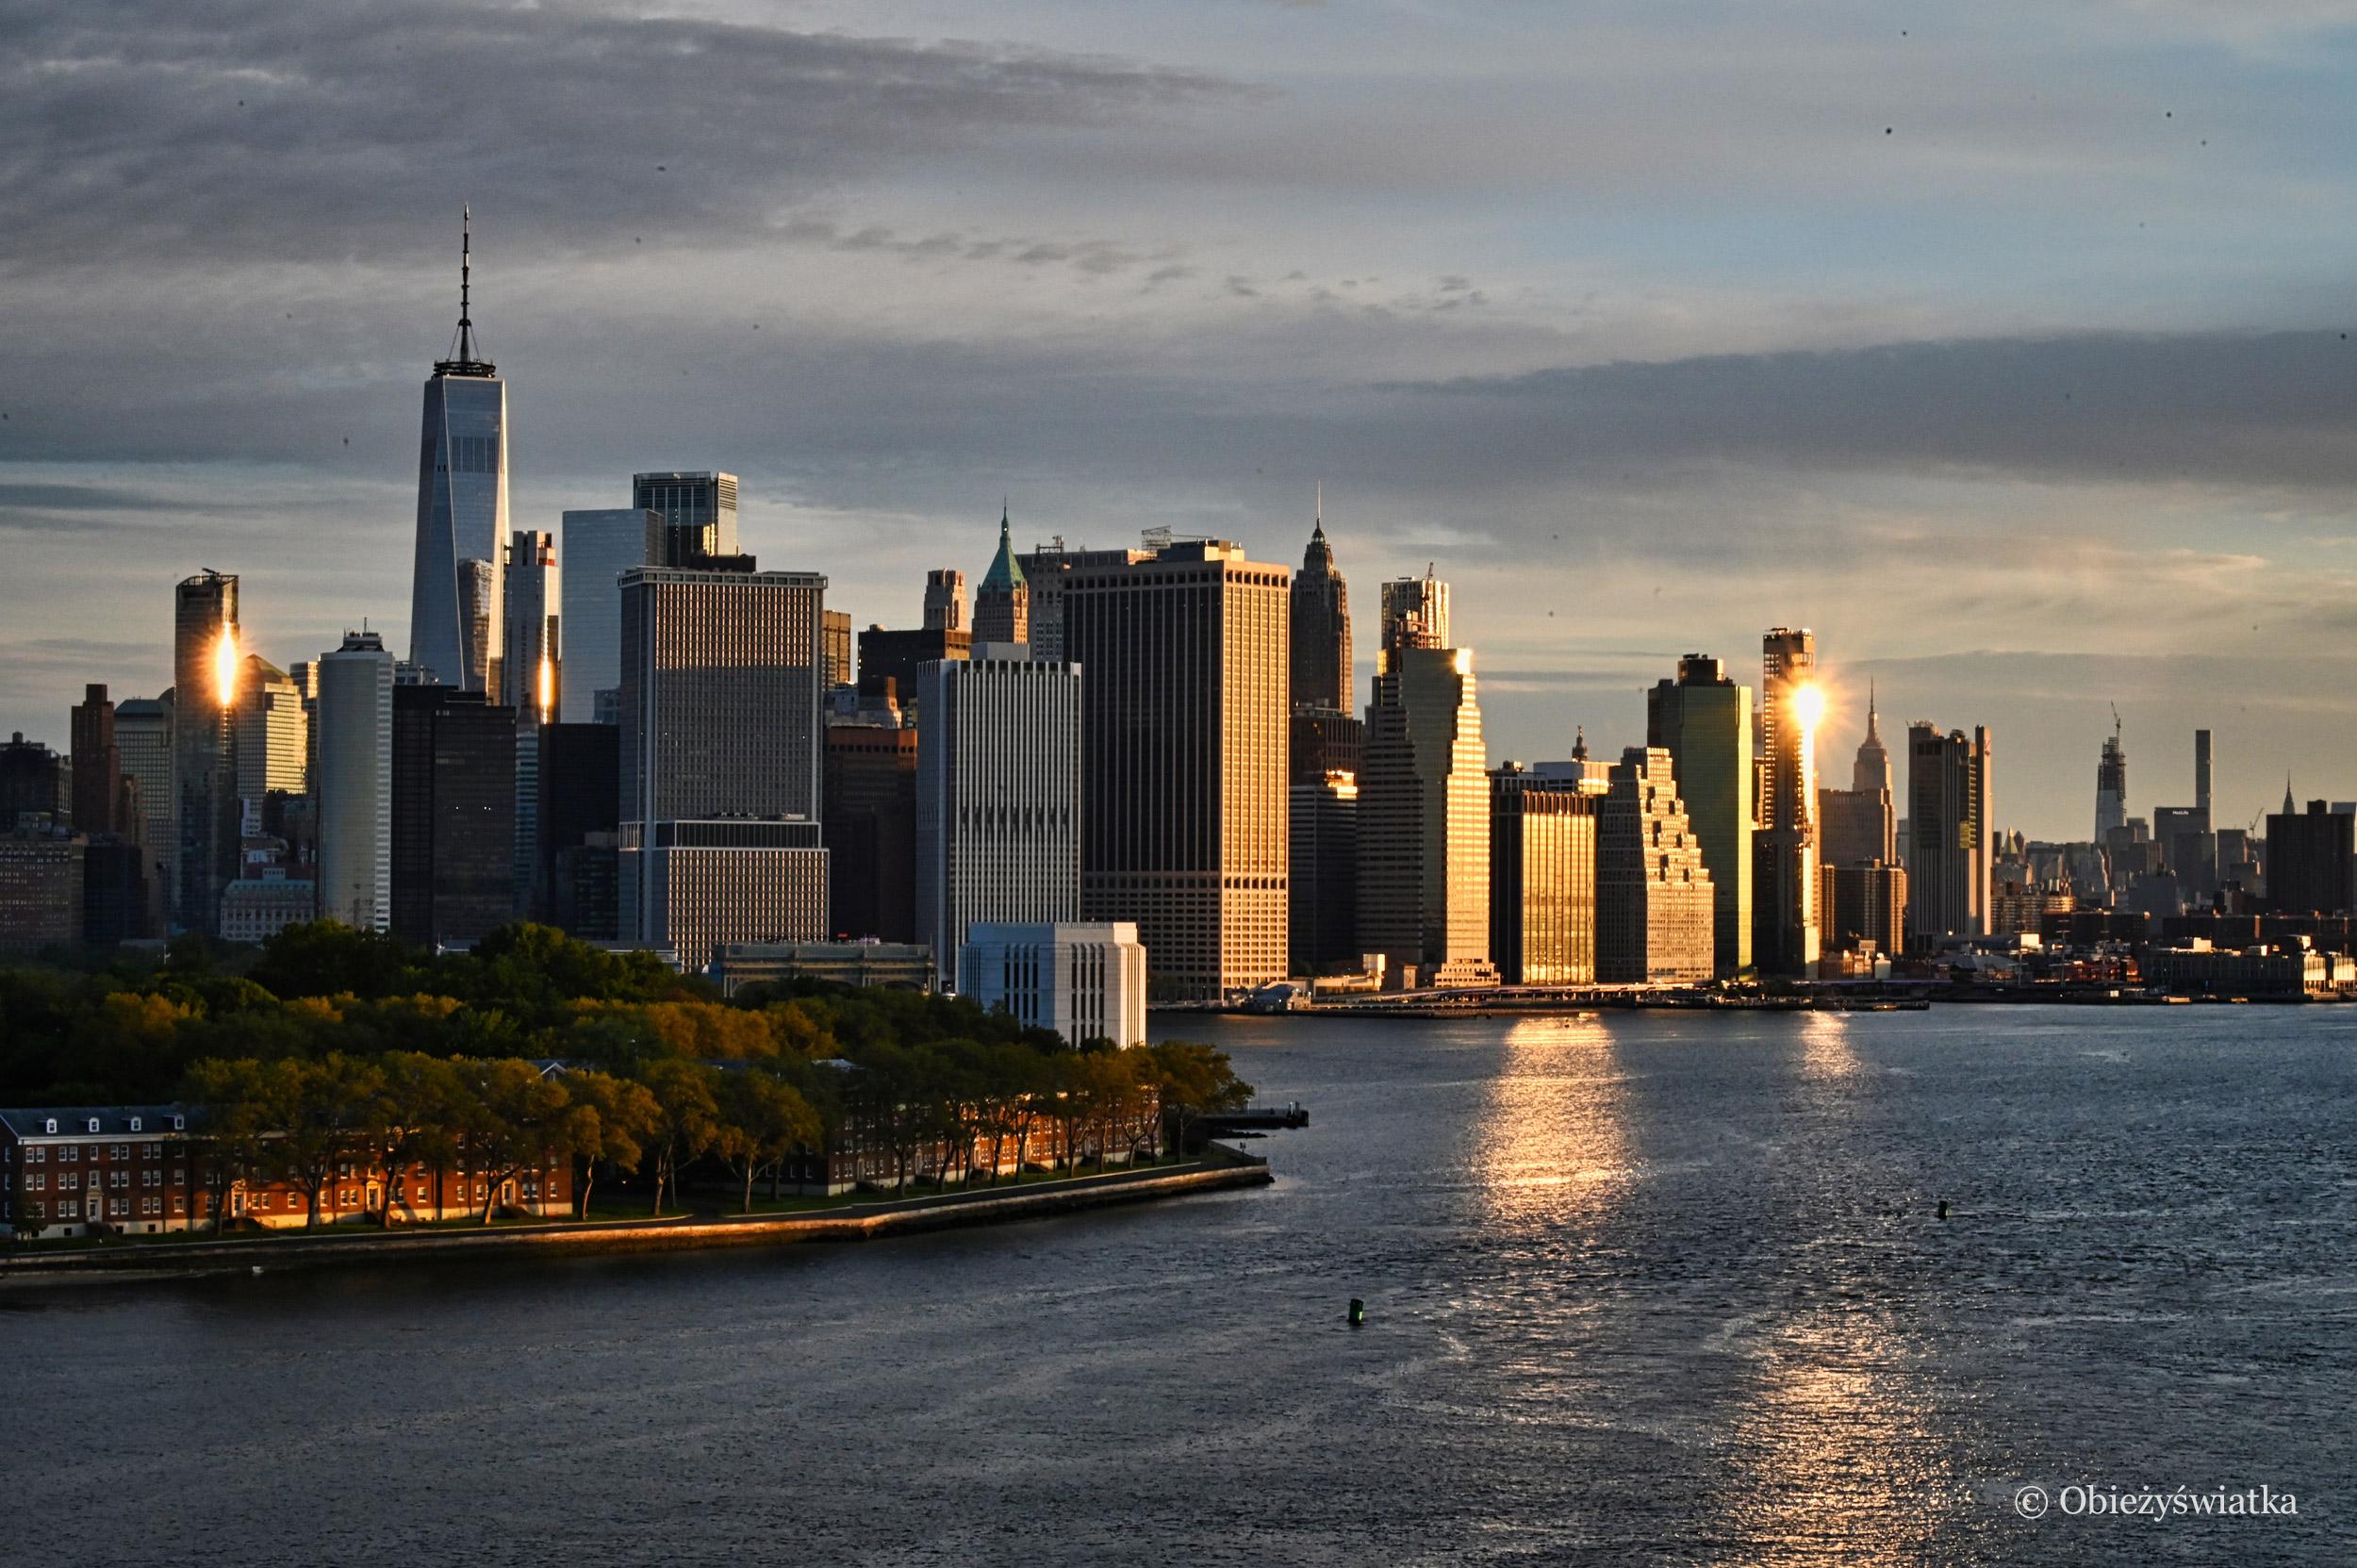 Wschód słońca na Manhattanie, Nowy Jork